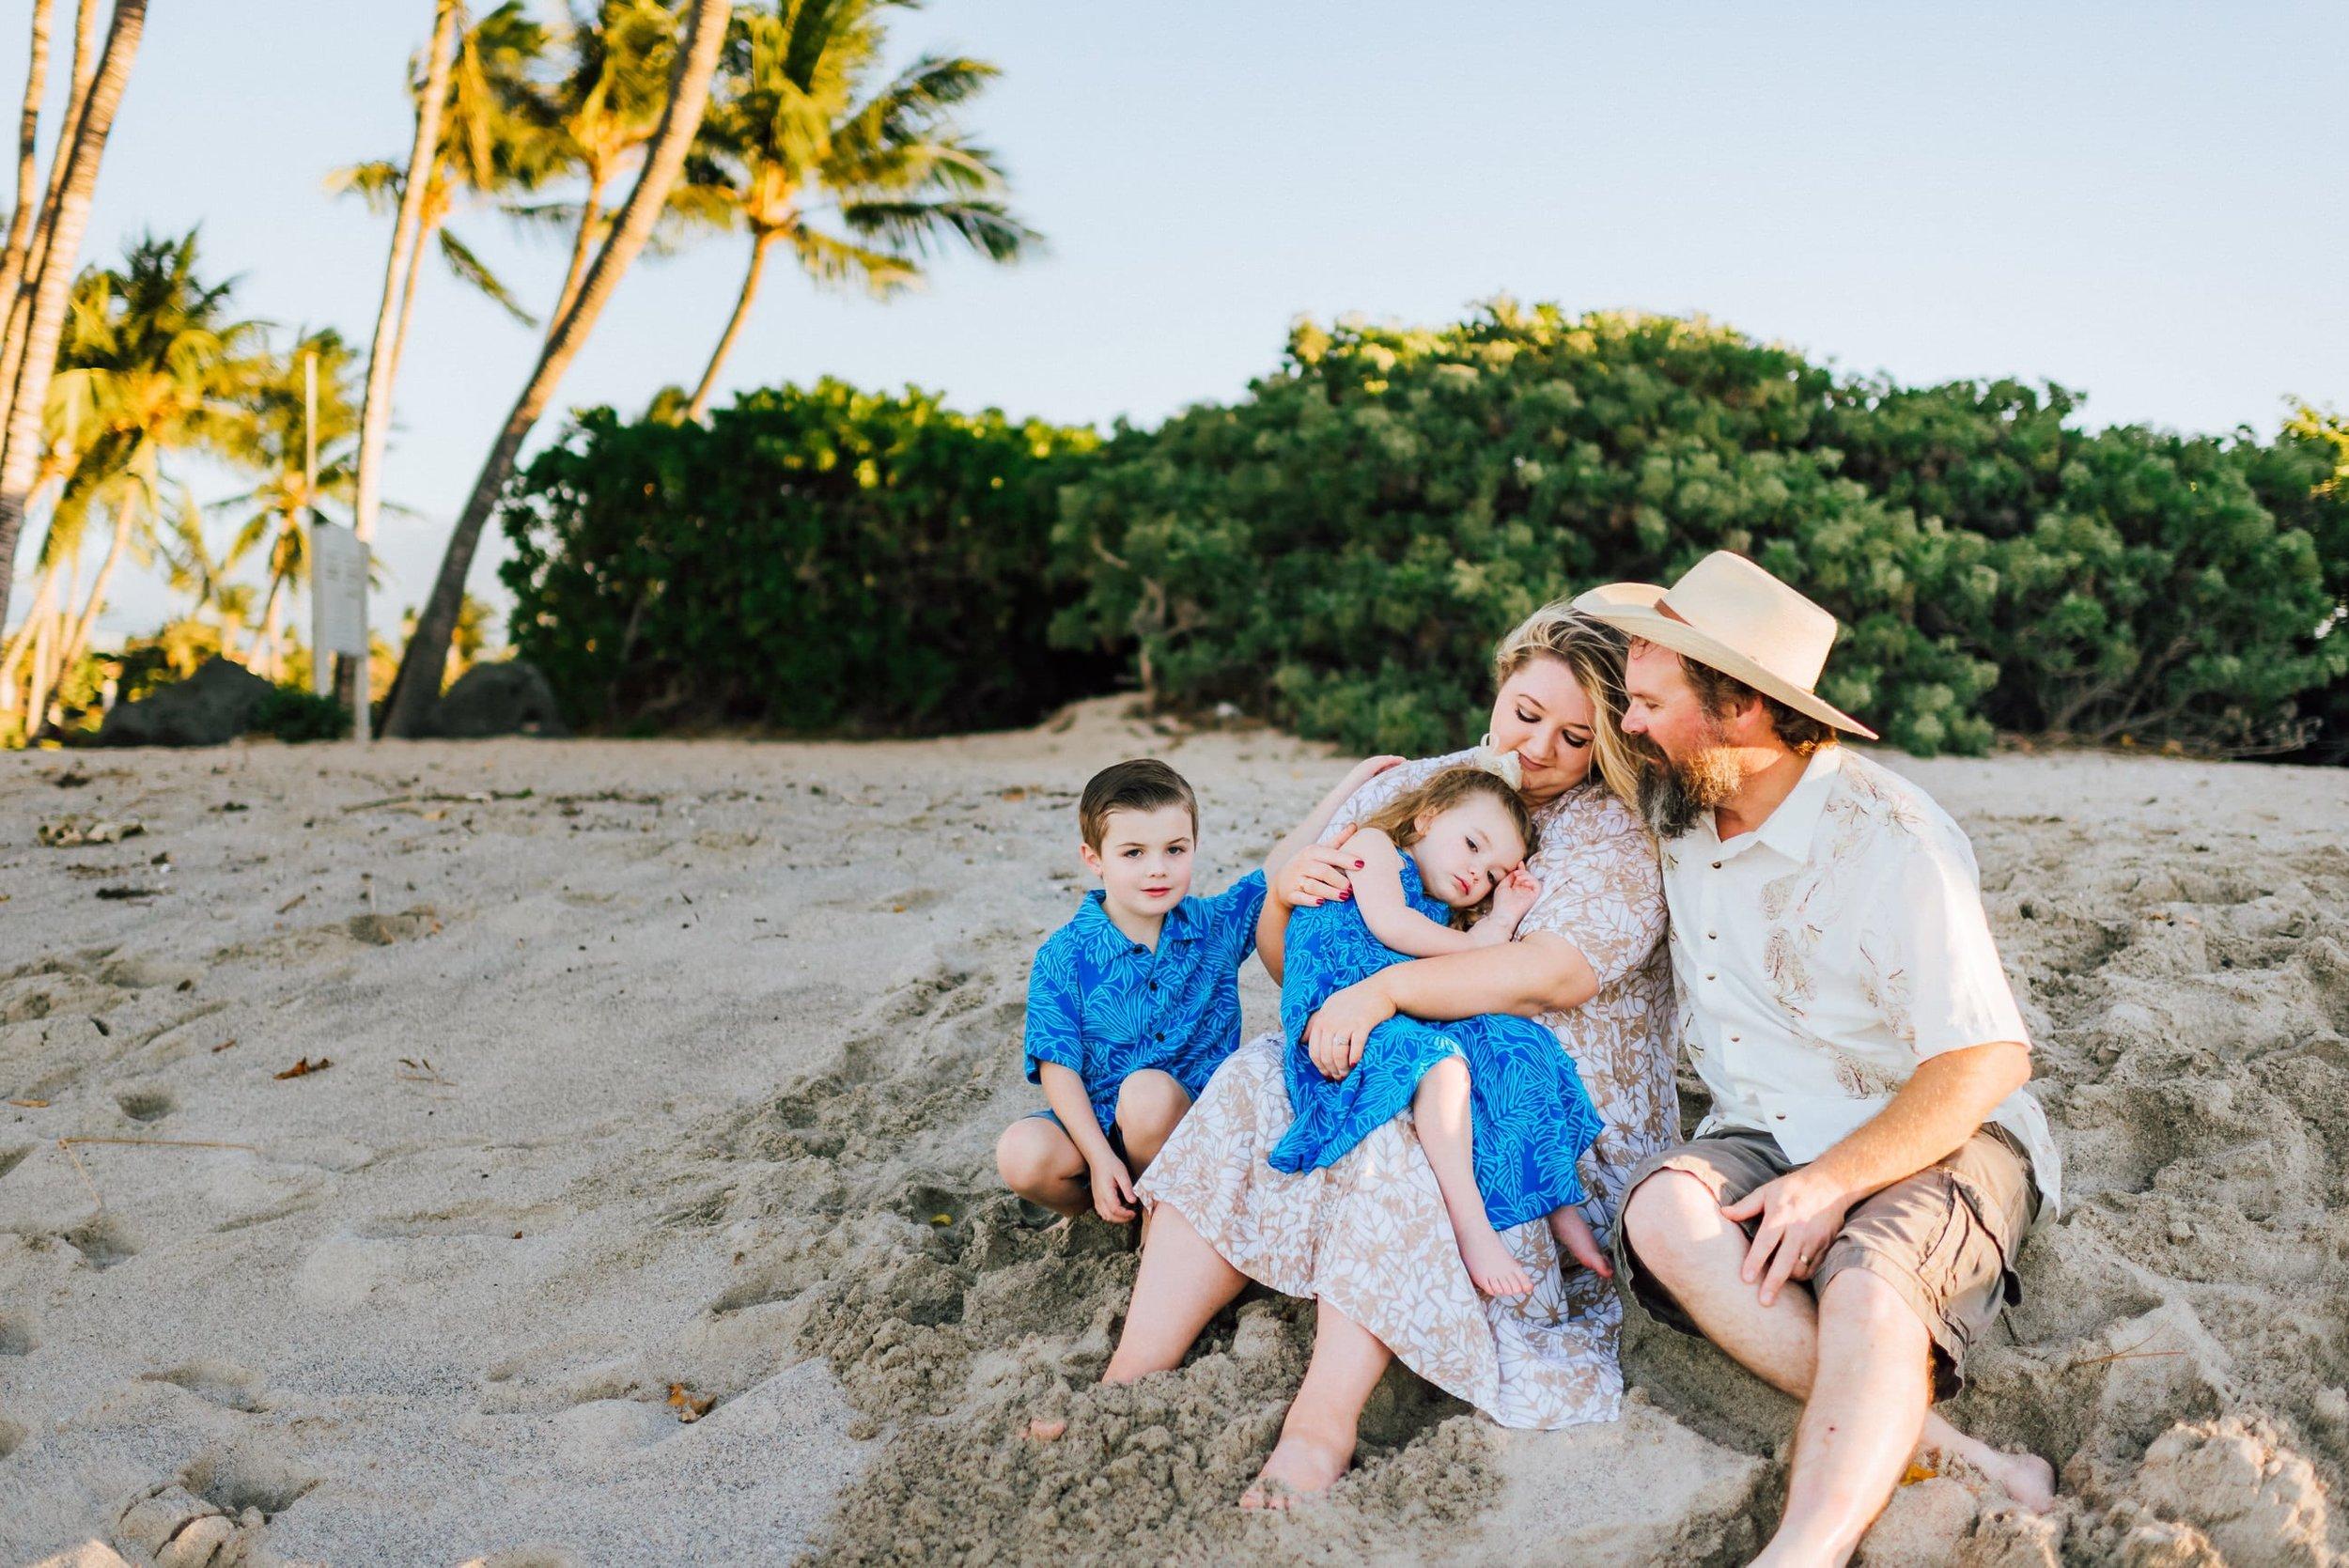 Hawaii-Family-Photographer-12.jpg